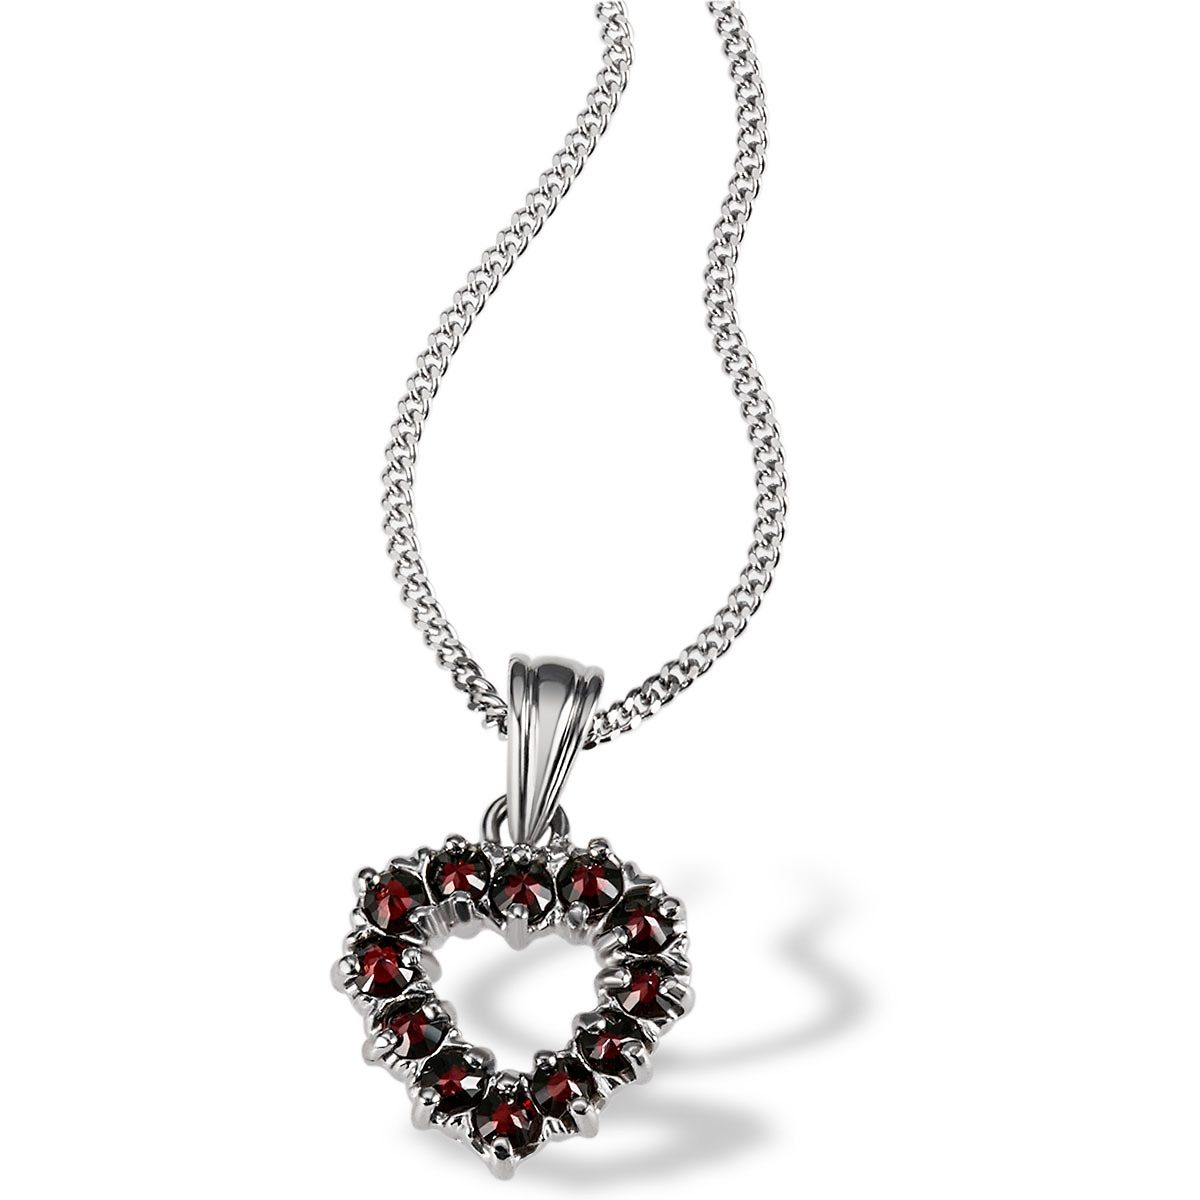 Averdin Collier Silber 925/- mit 12 rot-braunen Granaten